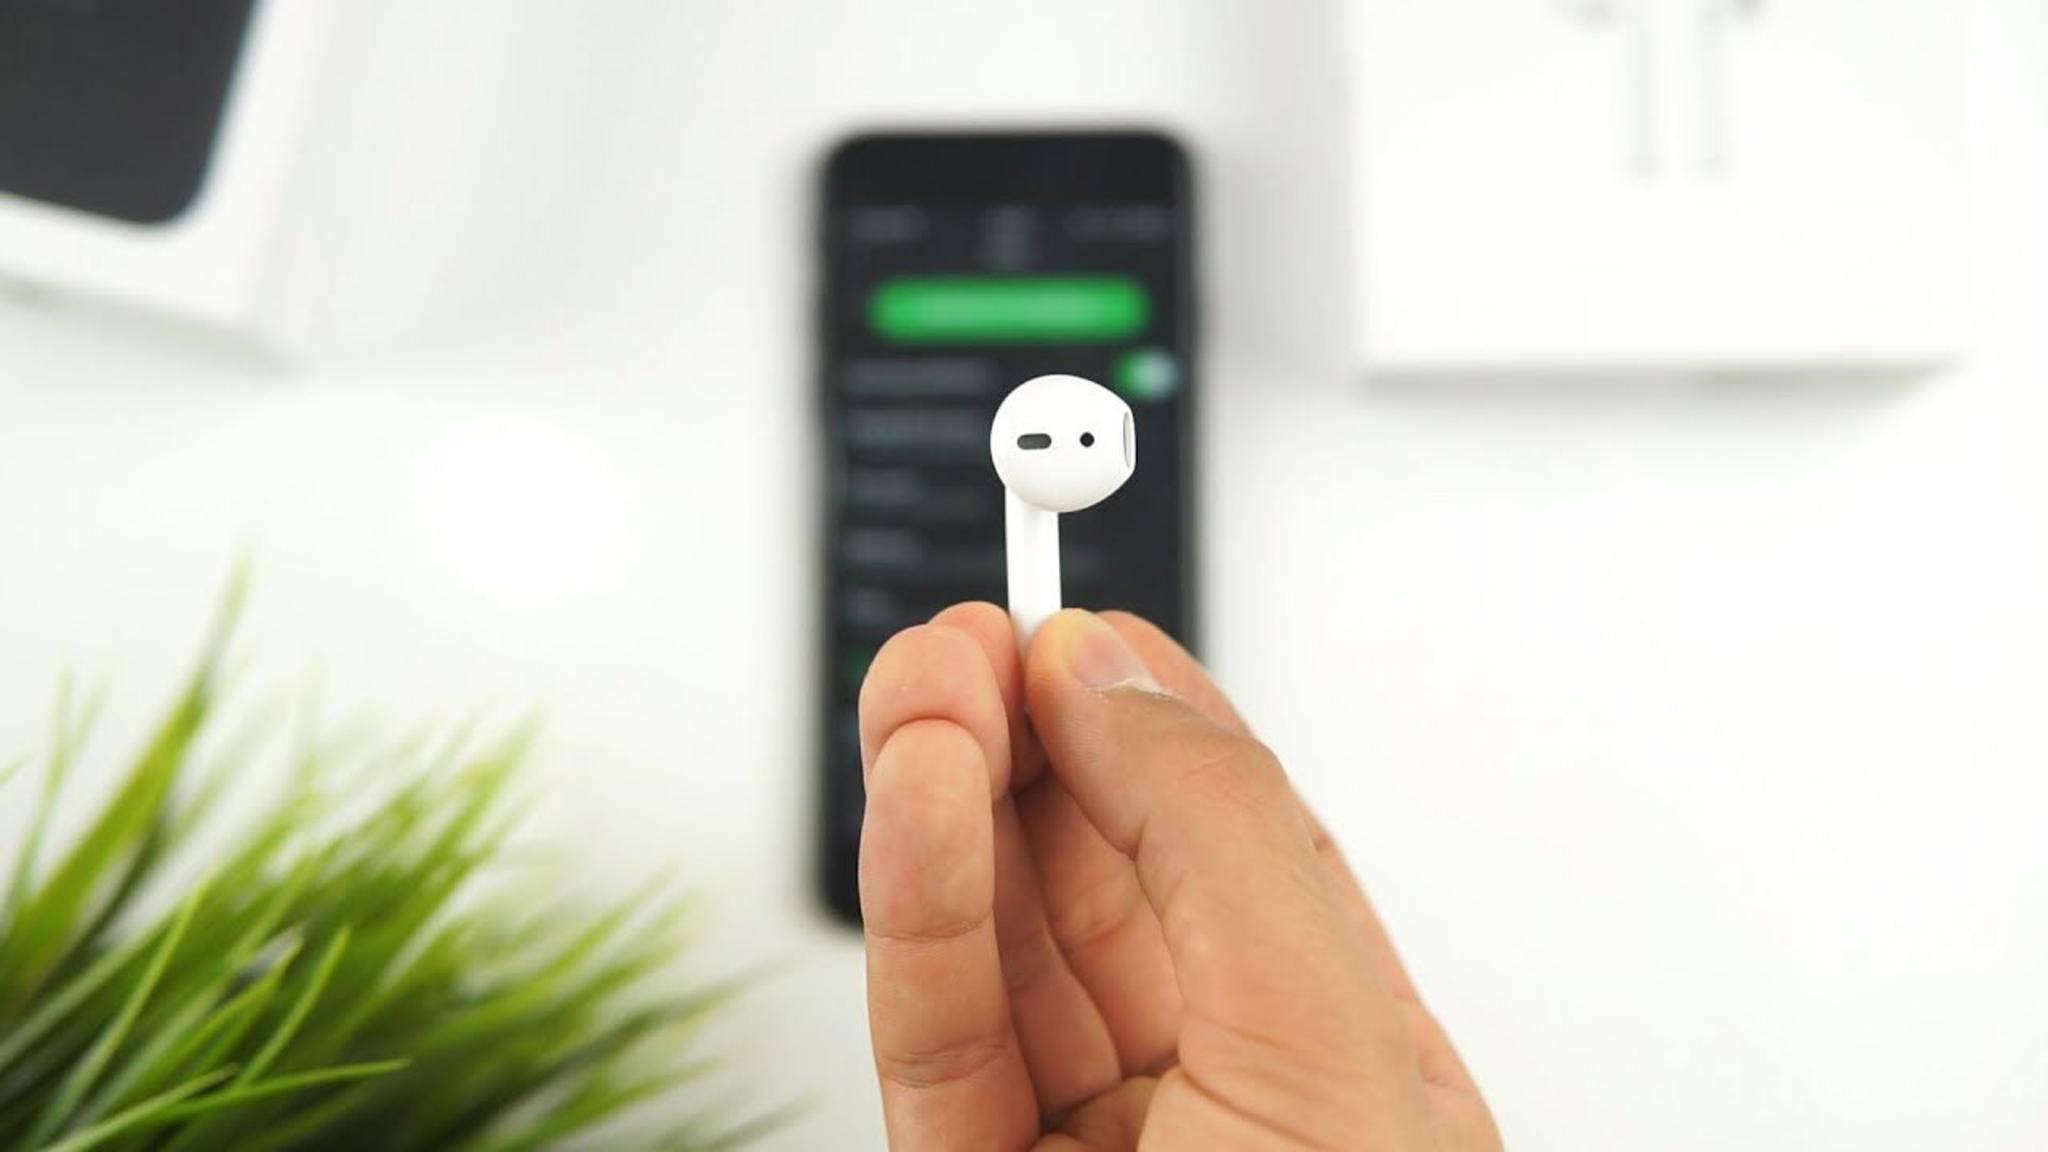 Bei Problemen mit den AirPods sollten die Kopfhörer zurückgesetzt werden.